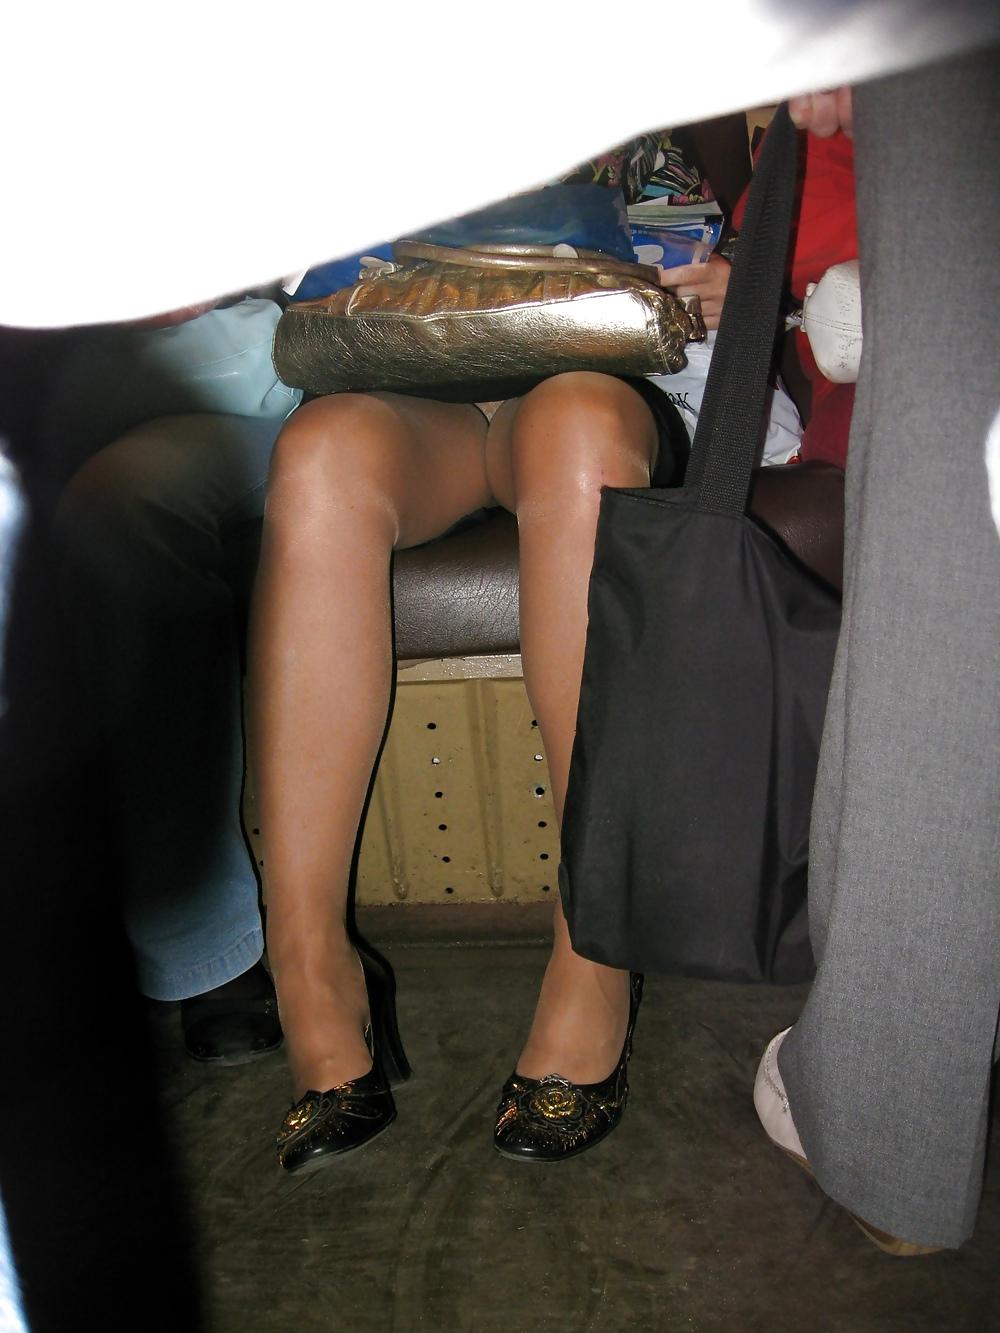 подсмотренное а метро фото под юбкой тому назад